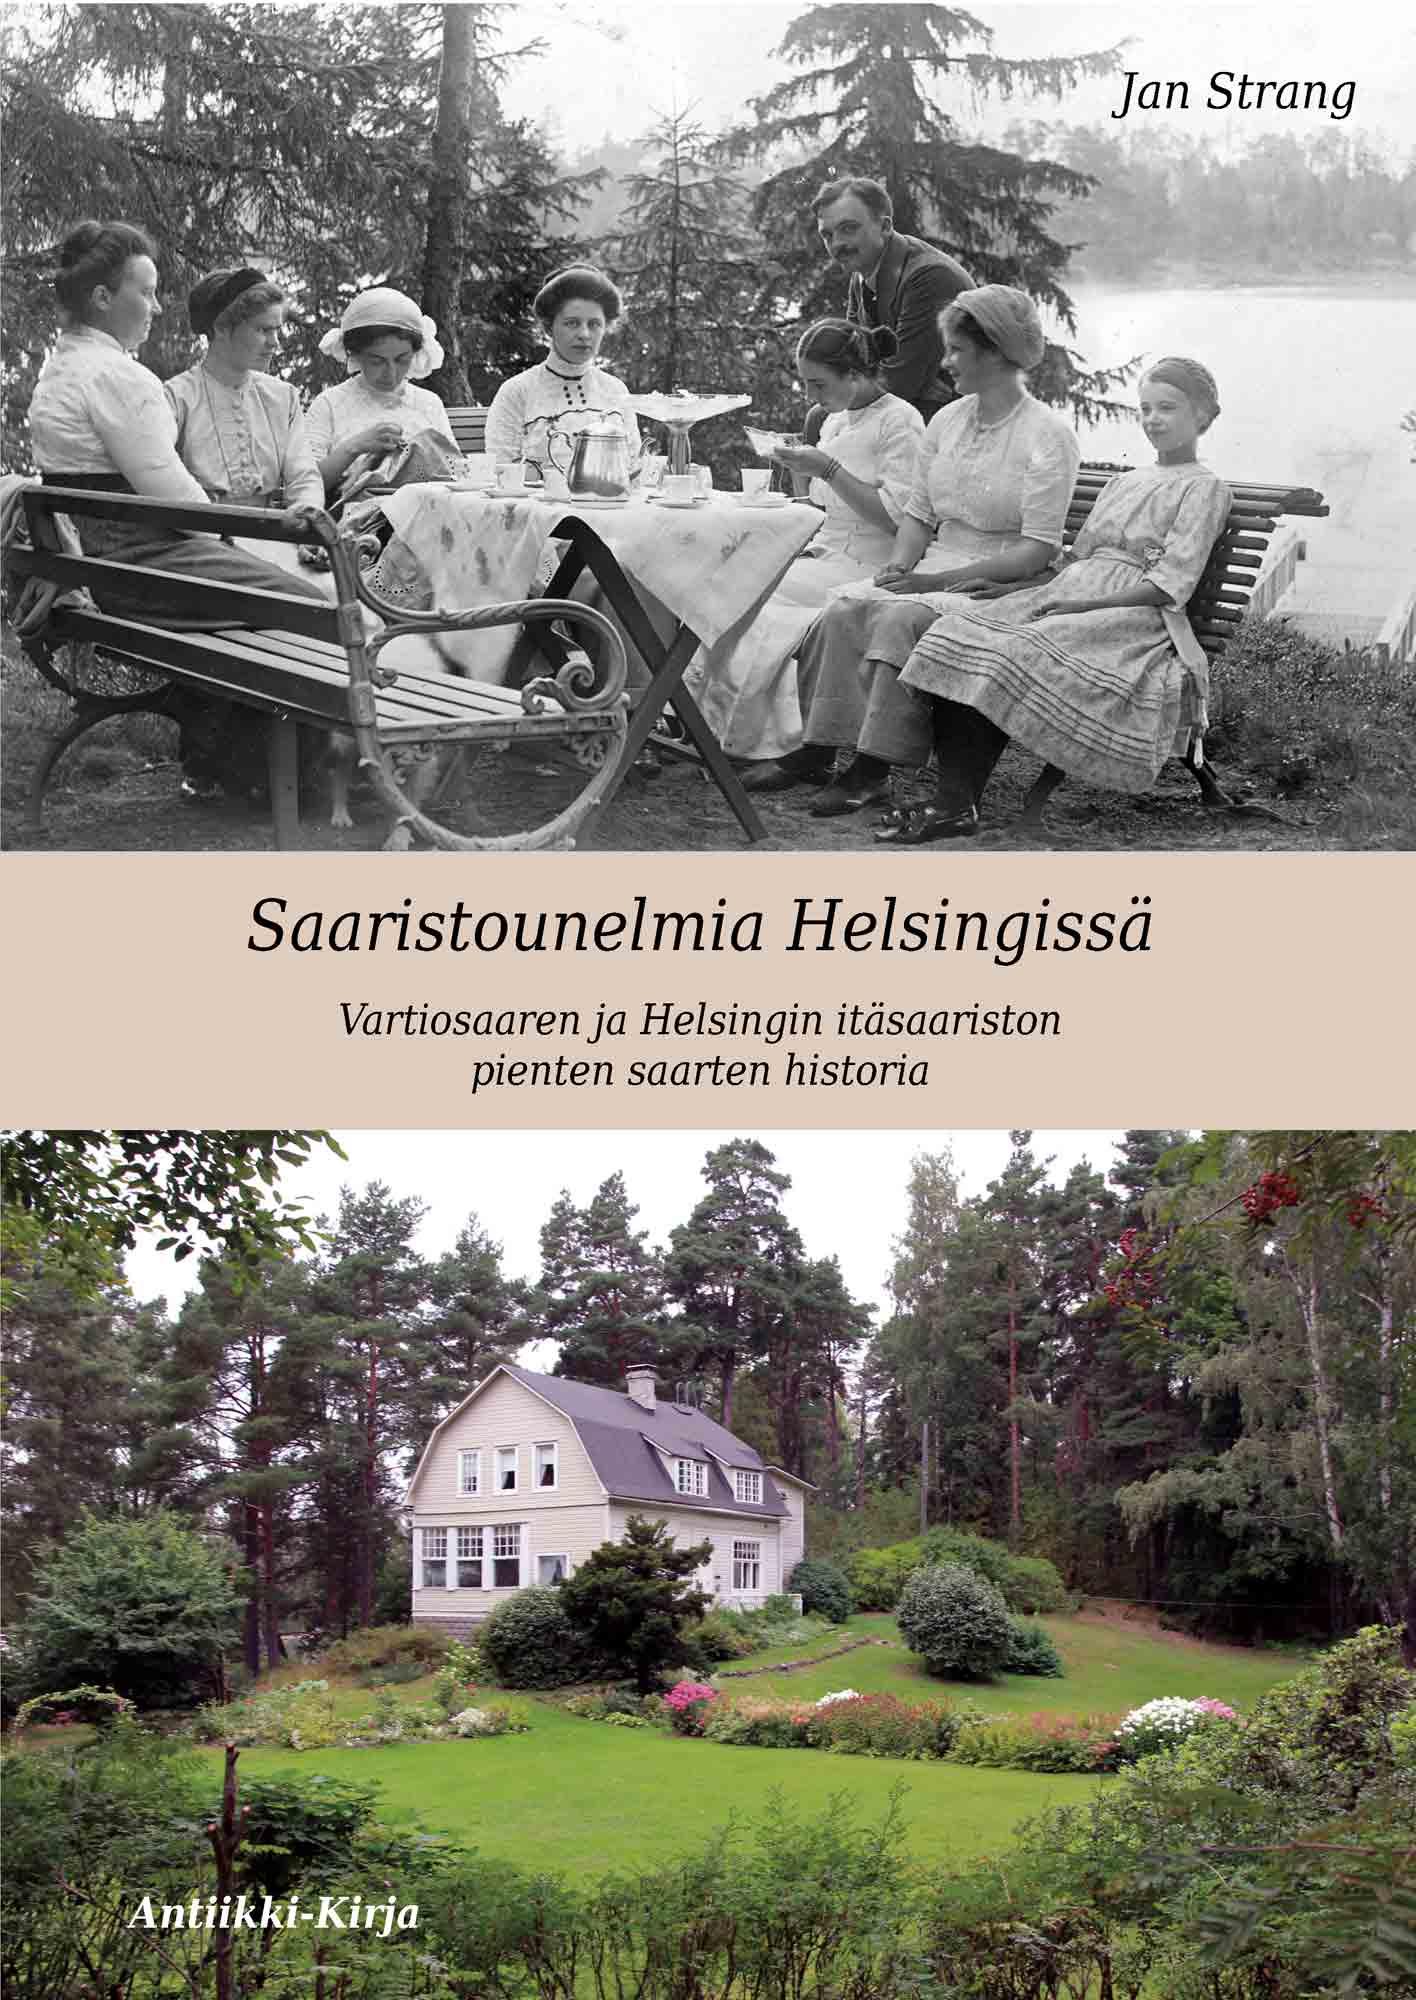 Saaristounelmia Helsingissä – Vartiosaaren ja Helsingin itäsaariston pienten saarten historia